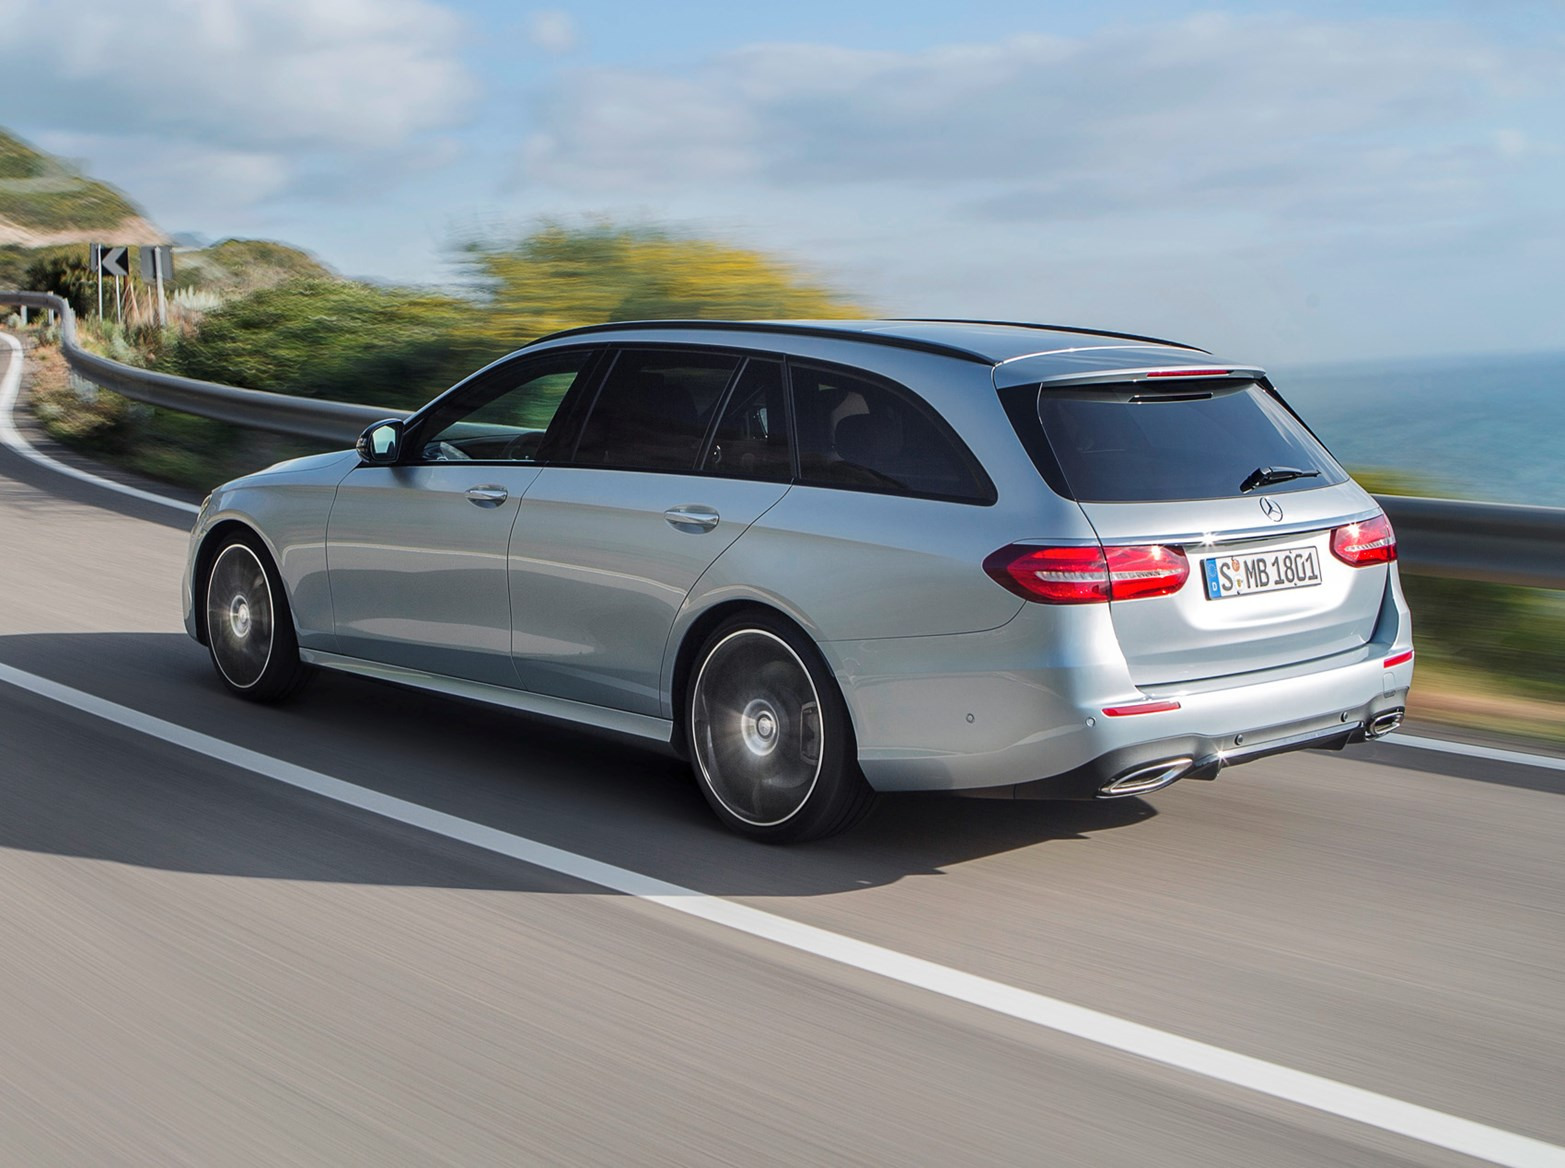 Mercedes benz e class estate review 2016 parkers for Mercedes benz e class images